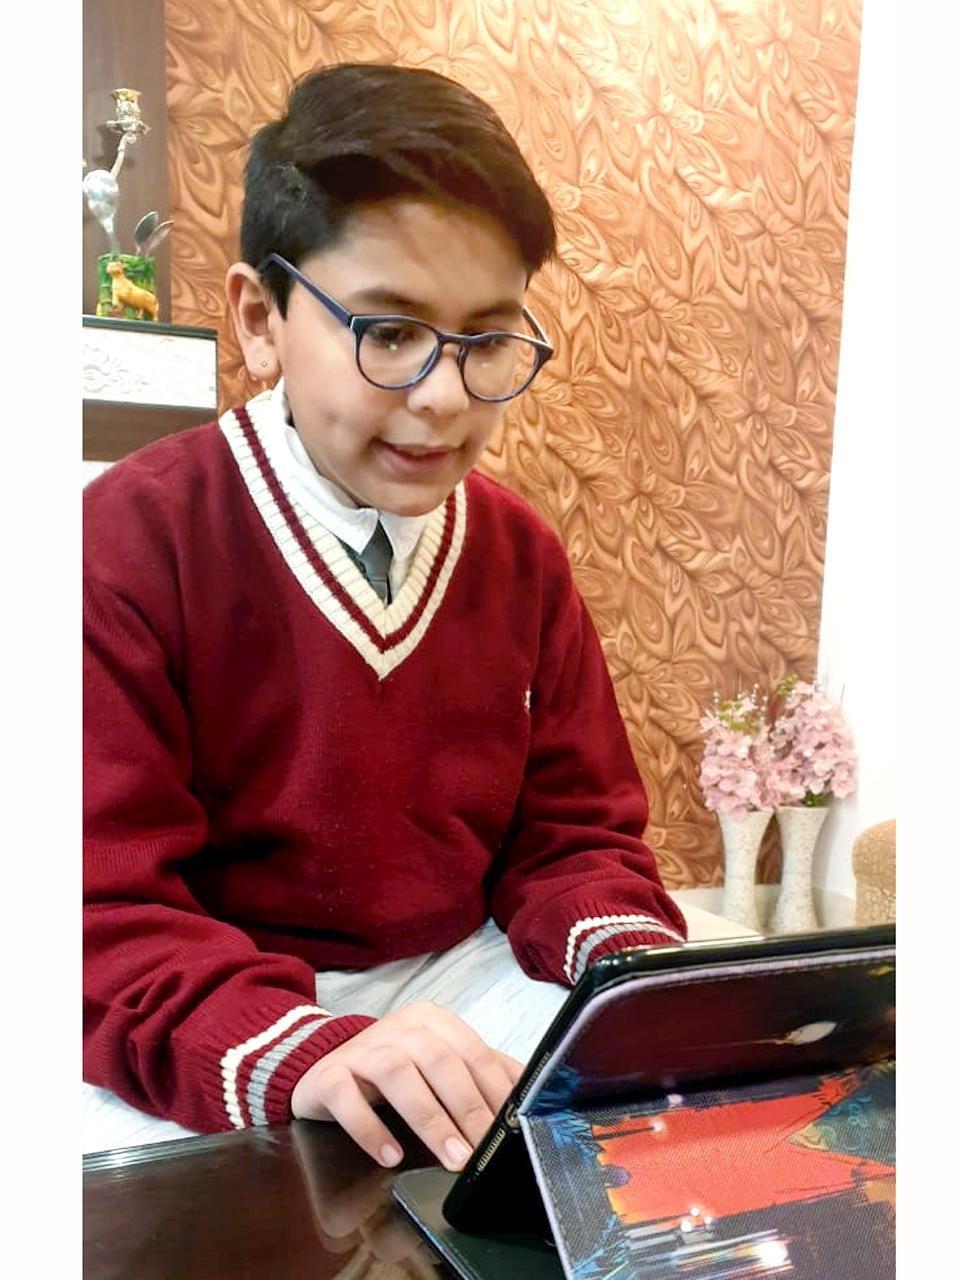 EK BHARAT SHRESHTHA BHARAT ACTIVITY 021